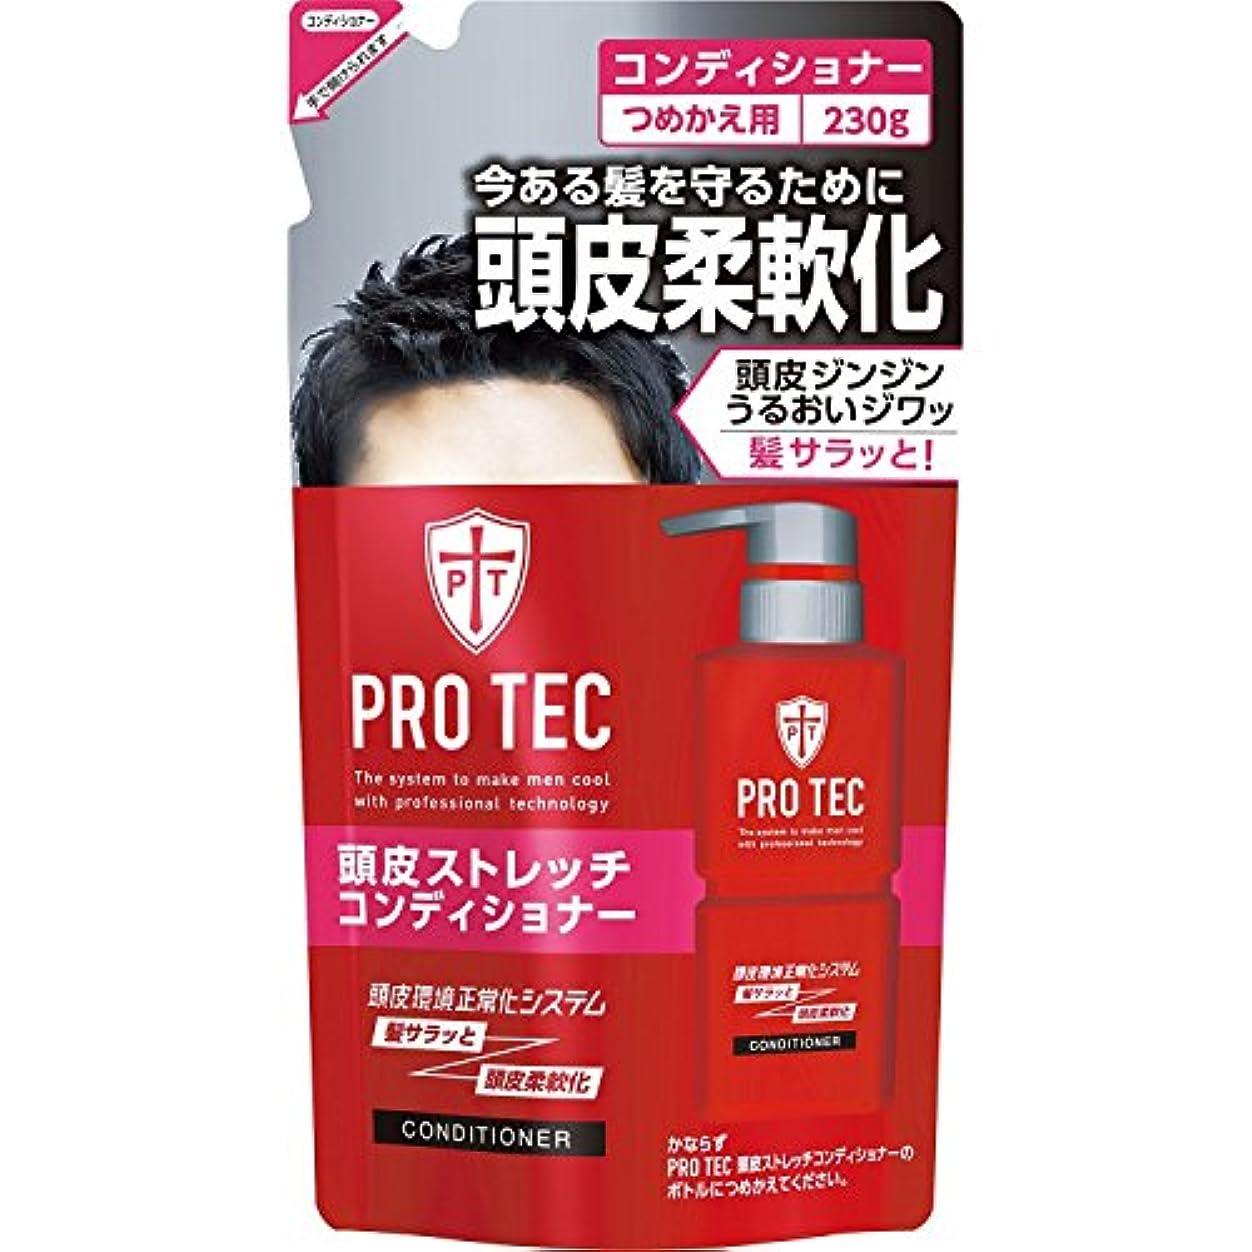 韻許される寮PRO TEC(プロテク) 頭皮ストレッチ コンディショナー 詰め替え 230g